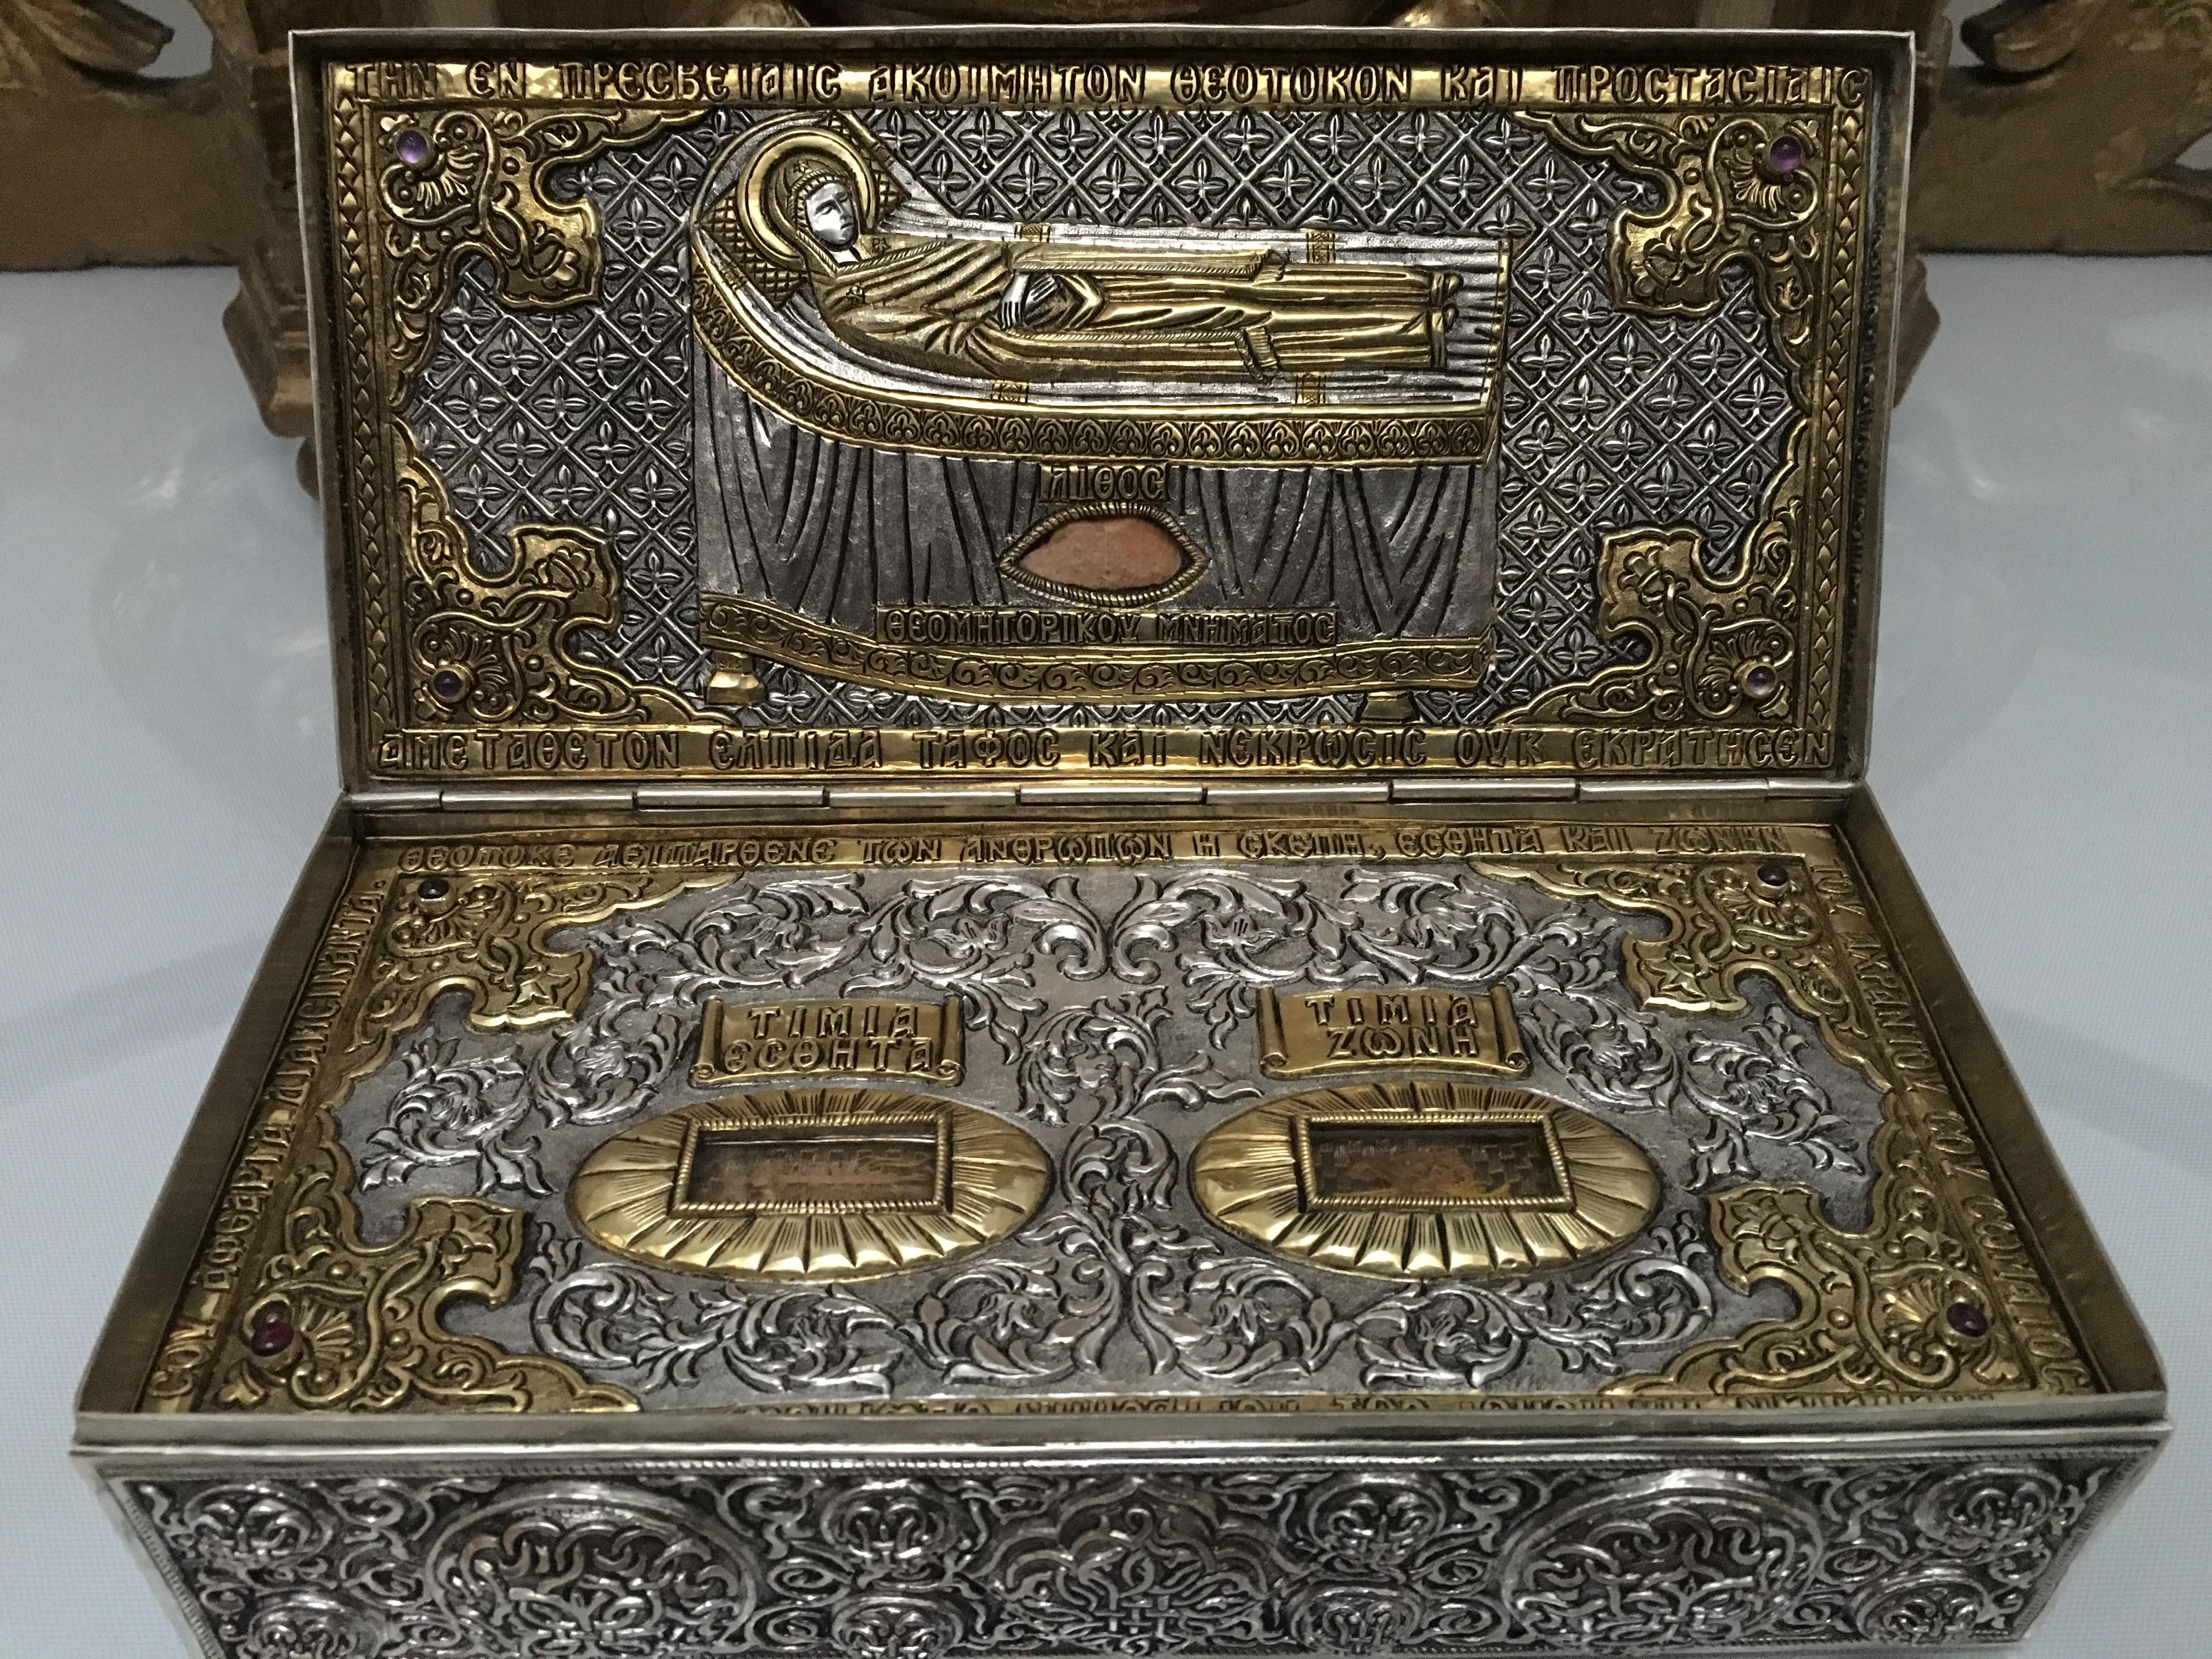 Ι. Ναός Αγίου Δημητρίου των Όπλων - Υποδοχή ιερών κειμηλίων από την Ιερά Μονή Προφήτου Ηλιού Θήρας